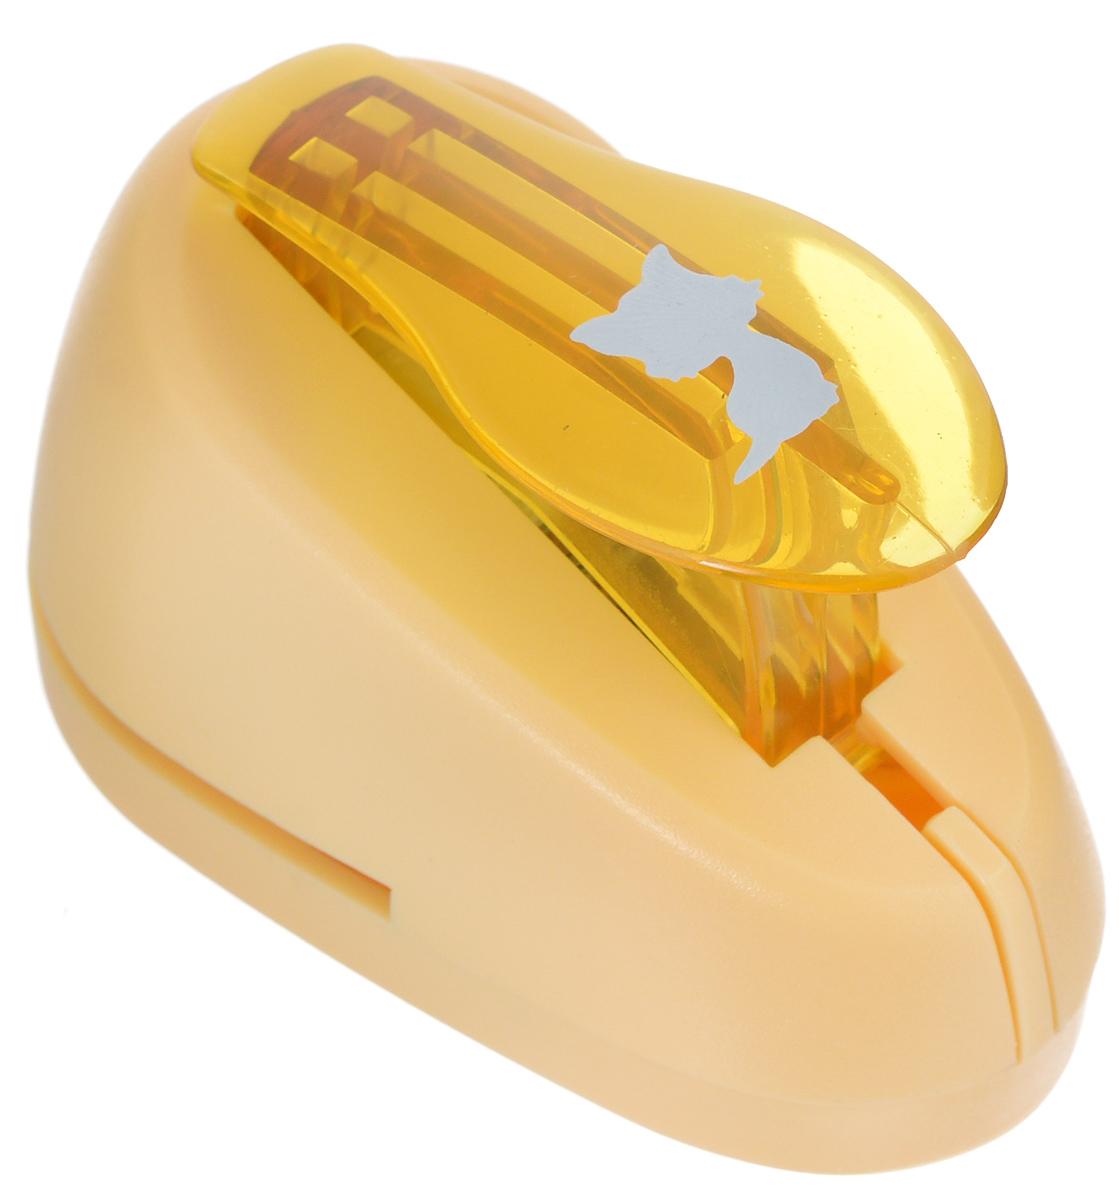 Дырокол фигурный Hobbyboom Котенок, №368, цвет: оранжевый, 1,8 см0102016Фигурный дырокол Hobbyboom Котенок, изготовленный из пластика и металла, используется в скрапбукинге для создания оригинальных открыток, а также оформления подарков, в бумажном творчестве. Рисунок прорези указан на ручке дырокола.Вырезанный элемент также можно использовать для украшения.Предназначен для бумаги определенной плотности - 80 - 200 г/м2. При применении на бумаге большей плотности или на картоне, дырокол быстро затупится.Размер дырокола: 6,8 см х 4 см х 4,5 см.Размер готовой фигурки: 1,5 см х 1,3 см.